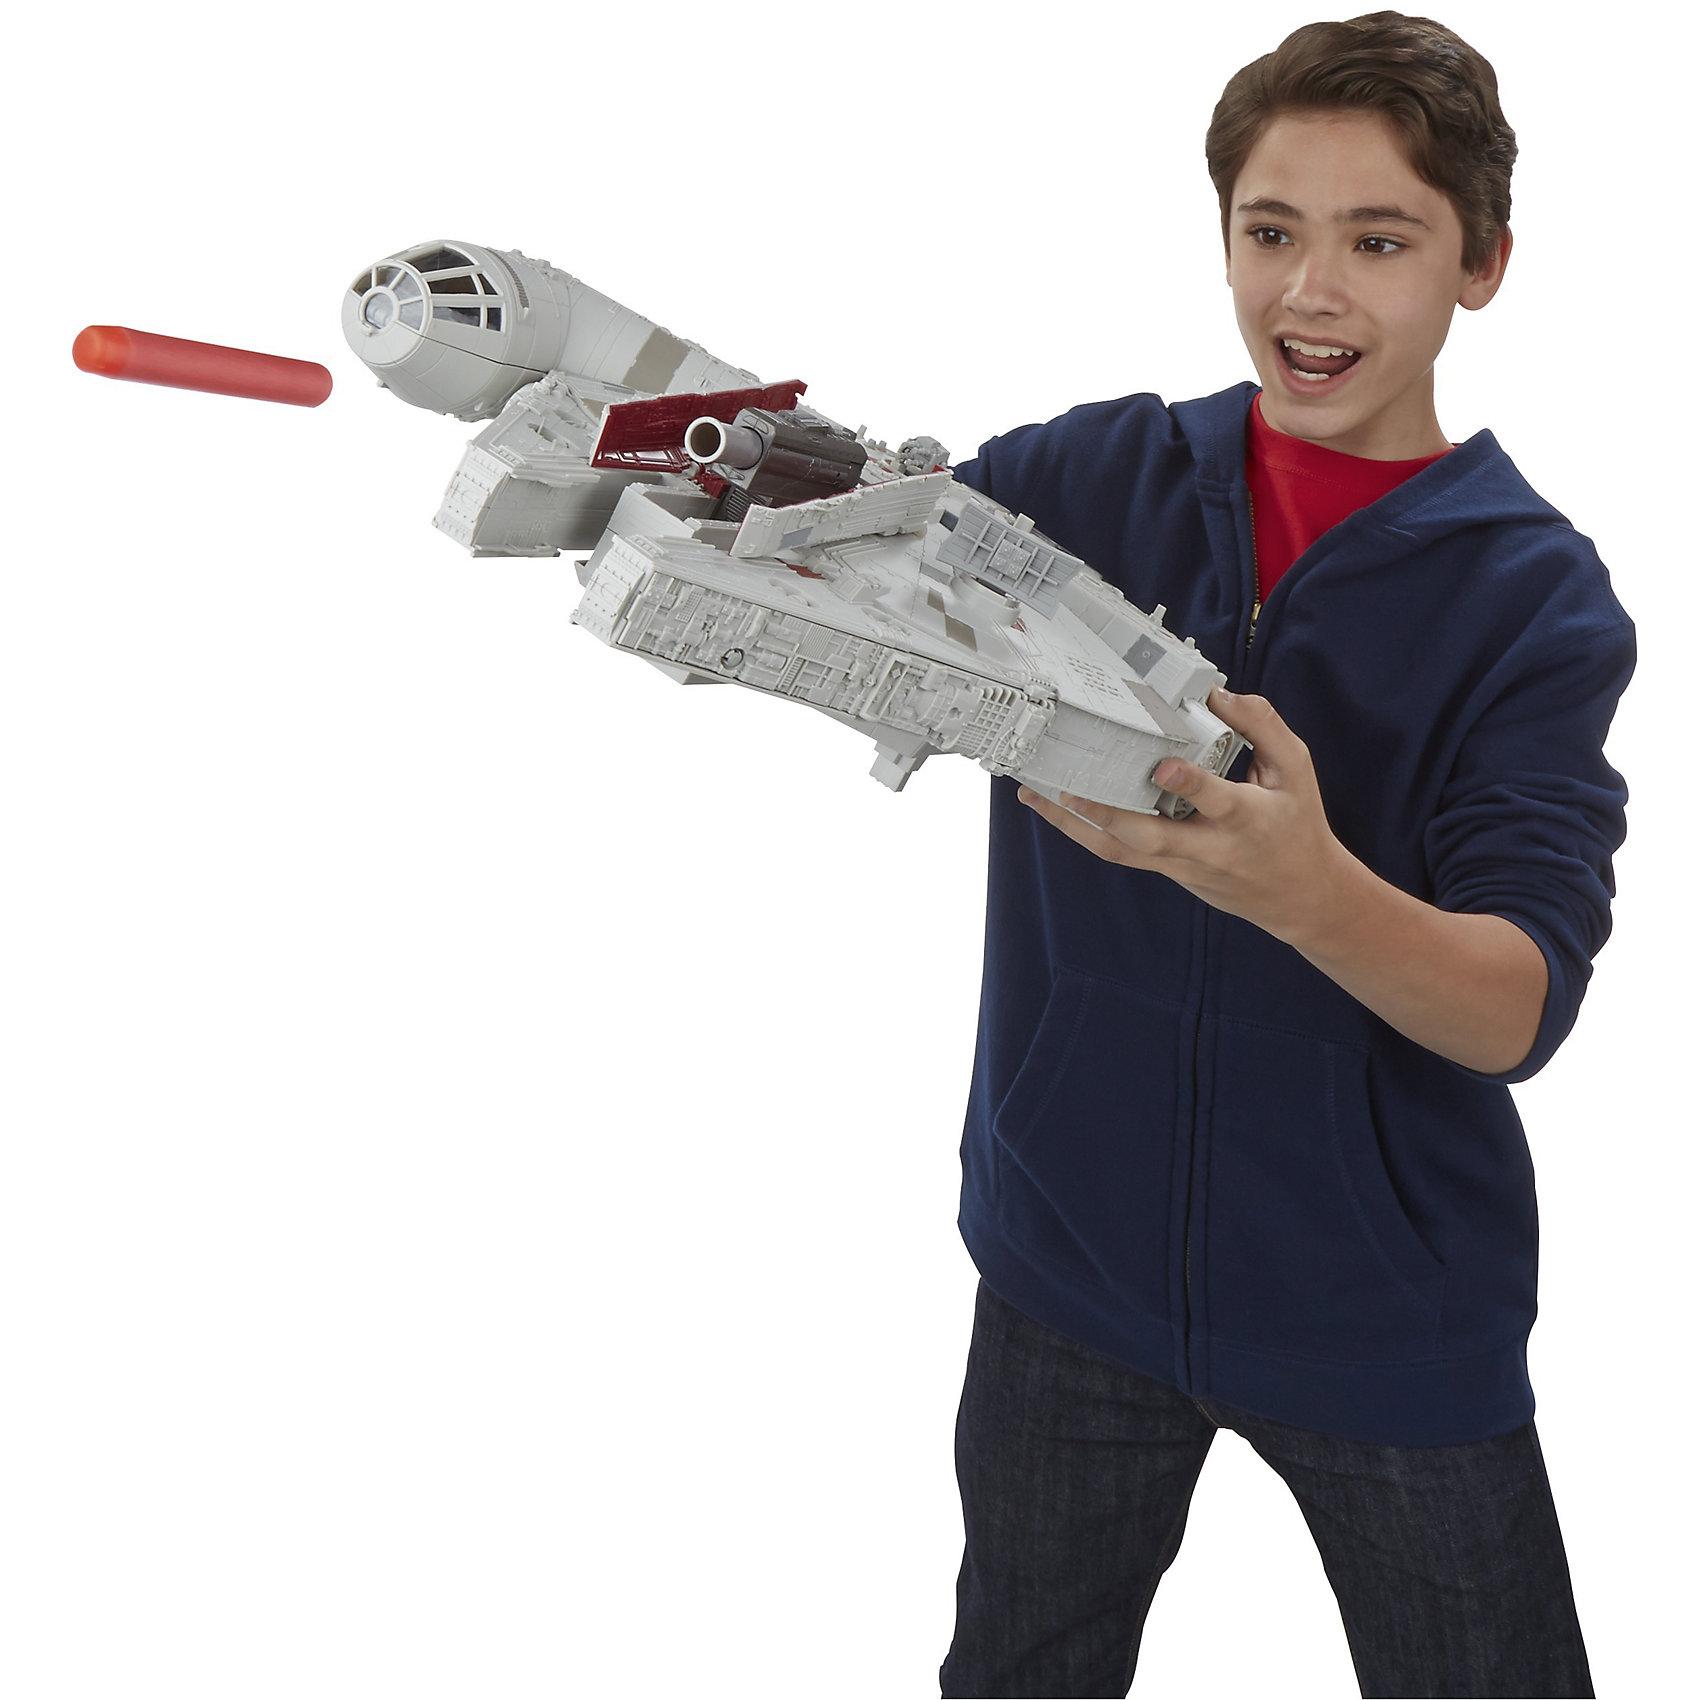 Флагманский космический корабль, Звездные войныКоллекционные и игровые фигурки<br>Флагманский космический корабль,  9,5 см, Звездные войны – это интересная и функциональная игрушка из серии Звездные Войны от бренда Hasbro.<br>Флагманский космический корабль, легендарный «Тысячелетний сокол» – это потрясающая игрушка от Хасбро. Он в точности повторяет внешний вид корабля в той модификации, в которой мы увидим его в новом эпизоде «Звёздных войн». Межгалактический грузовик имеет специальные места, где можно поместить фигурки героев, а также несколько открывающихся отсеков, внутри которых находятся детально проработанные внутренние помещения корабля. Он оборудован пусковой установкой, стреляет стандартными стрелами NERF, имеет световые и звуковые эффекты. Кроме того, в набор входит три замечательные фигурки героев седьмого эпизода «Пробуждение силы» - Финна, вуки Чубакки и маленького сферического дроида ВВ-8. Фигурки и корабль имеют высочайший уровень детализации. С этим набором ваш ребенок воссоздаст эпические битвы из фильма «Звездные Войны: Пробуждение силы».<br><br>Дополнительная информация:<br><br>- В комплекте: корабль, 3 фигурки героев Звездных войн, 3 аксессуара, 2 стрелы Nerf<br>- Размер фигурок: 9,5 см.<br>- Батарейки: 2 типа АА (в комплект не входят)<br>- Материал: пластмасса<br>- Размер упаковки: 13,3 x 55,9 x 42,2 см.<br>- Вес: 1,95 кг.<br><br>Флагманский космический корабль,  9,5 см, Звездные войны (Star Wars) можно купить в нашем интернет-магазине.<br><br>Ширина мм: 565<br>Глубина мм: 426<br>Высота мм: 143<br>Вес г: 2508<br>Возраст от месяцев: 48<br>Возраст до месяцев: 120<br>Пол: Мужской<br>Возраст: Детский<br>SKU: 4079556